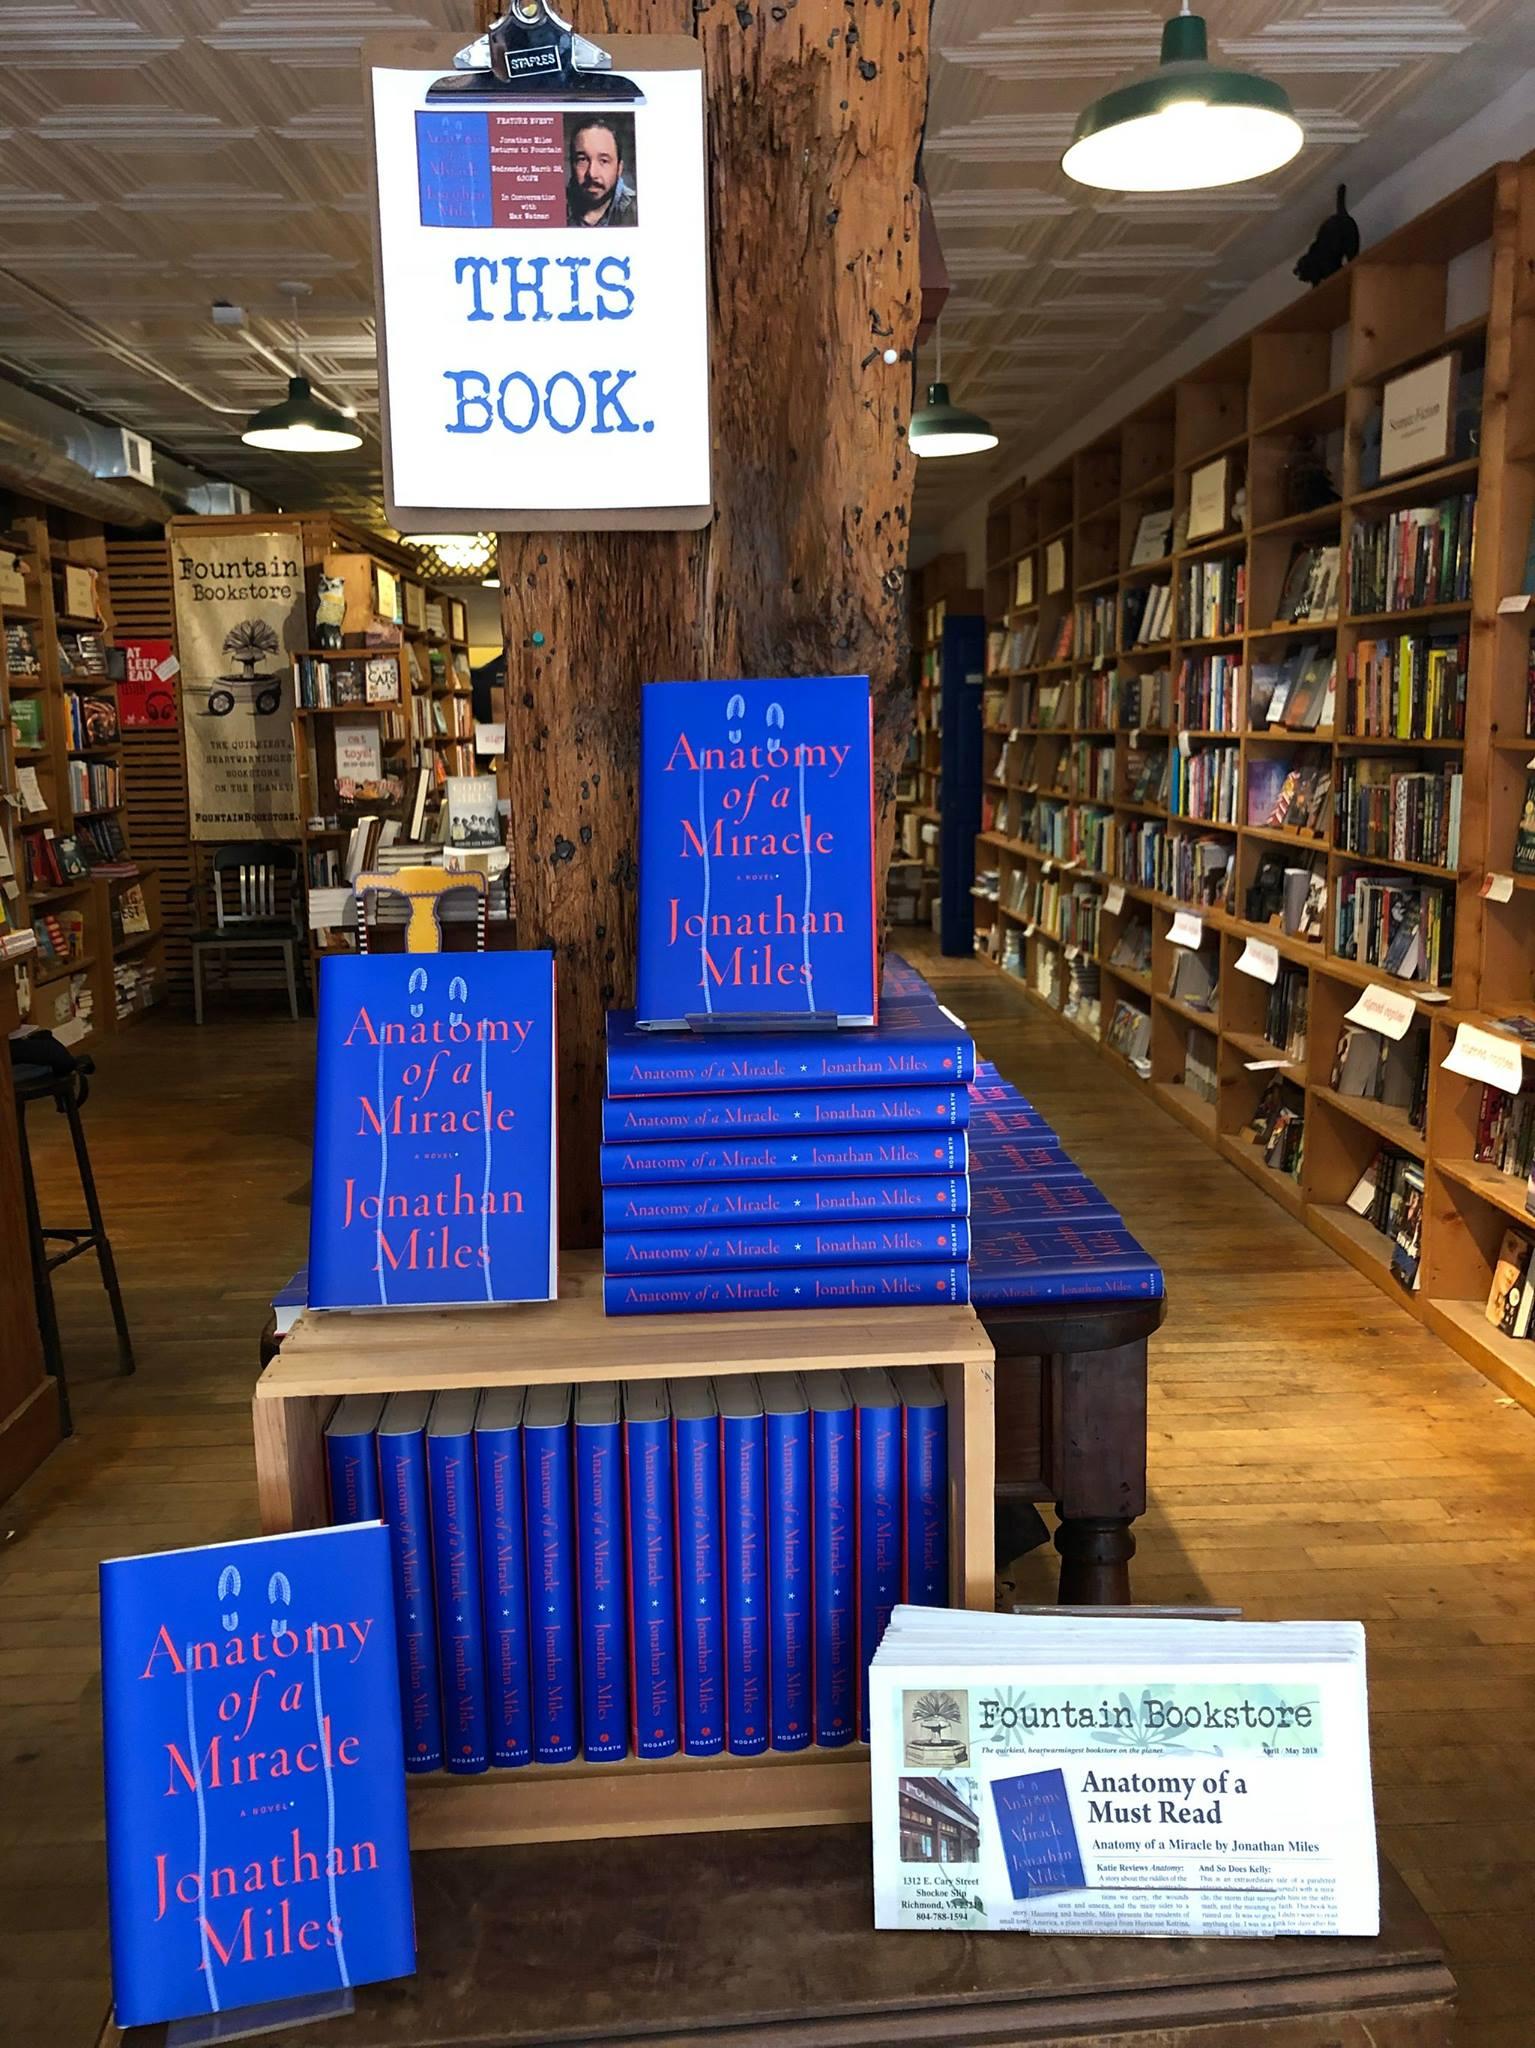 Fountain Bookstore